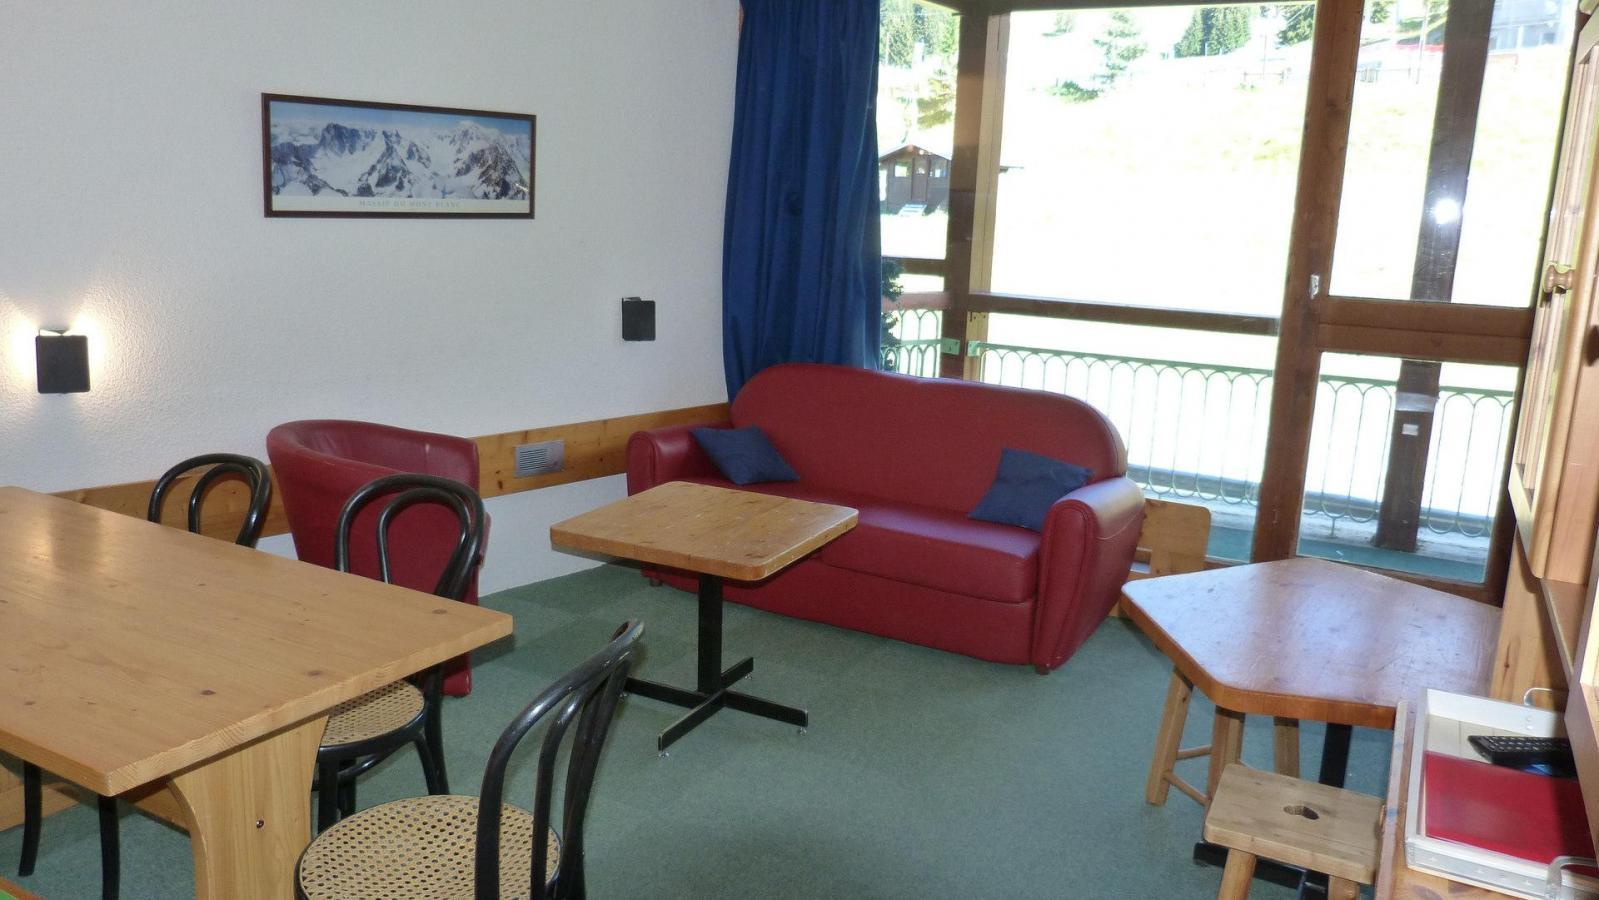 Location au ski Appartement 4 pièces 10 personnes (205) - Residence Les Tournavelles - Les Arcs - Séjour